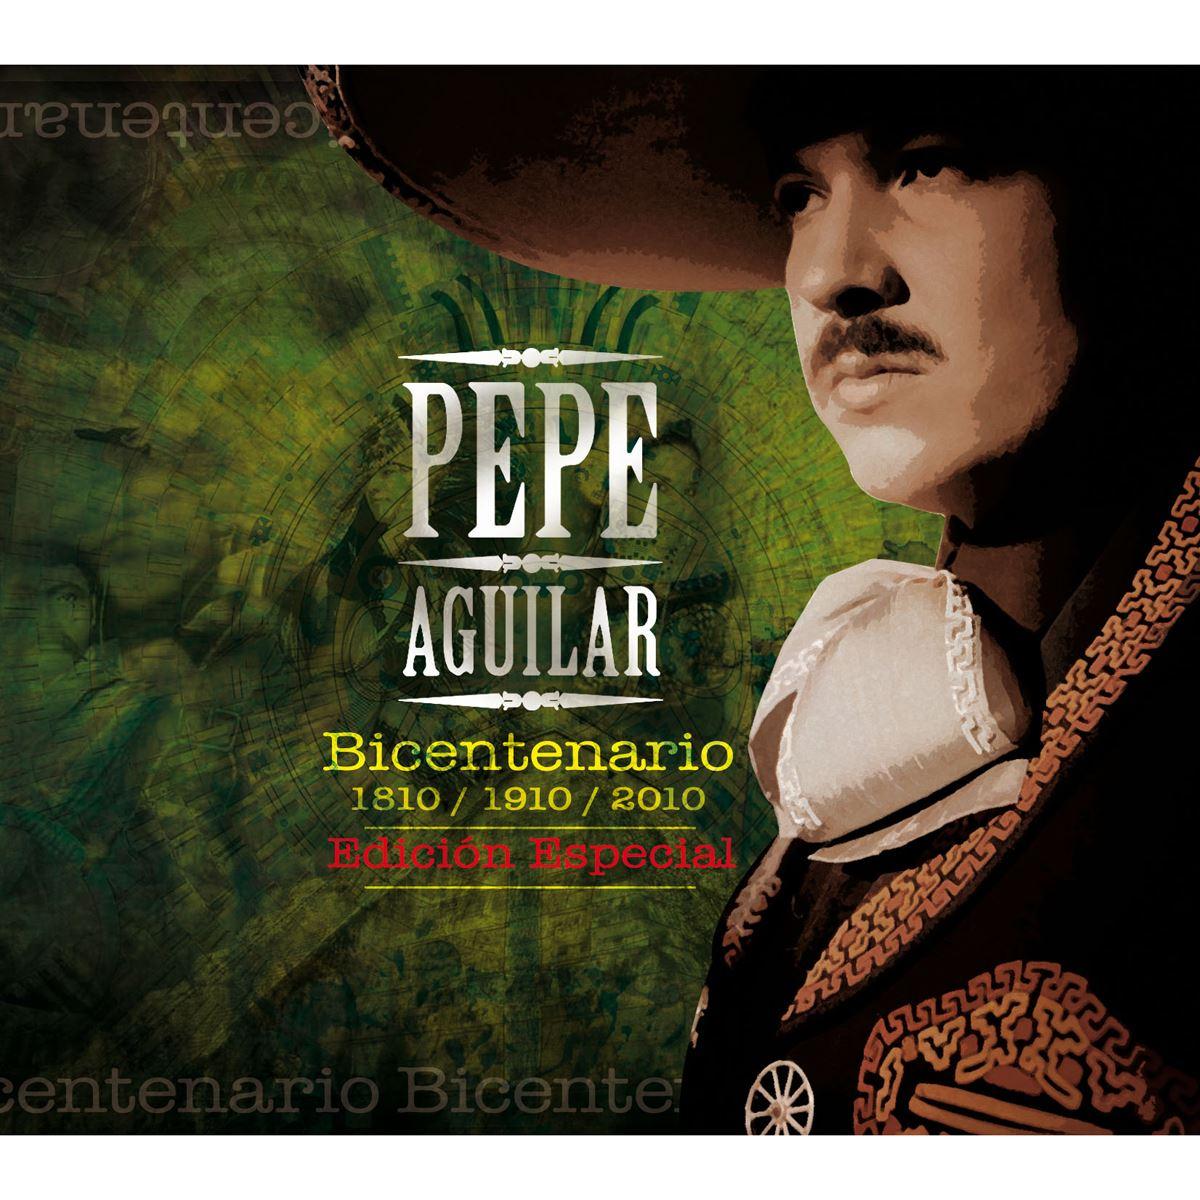 Cd pepe aguilar-bicentenario edición especial  - Sanborns